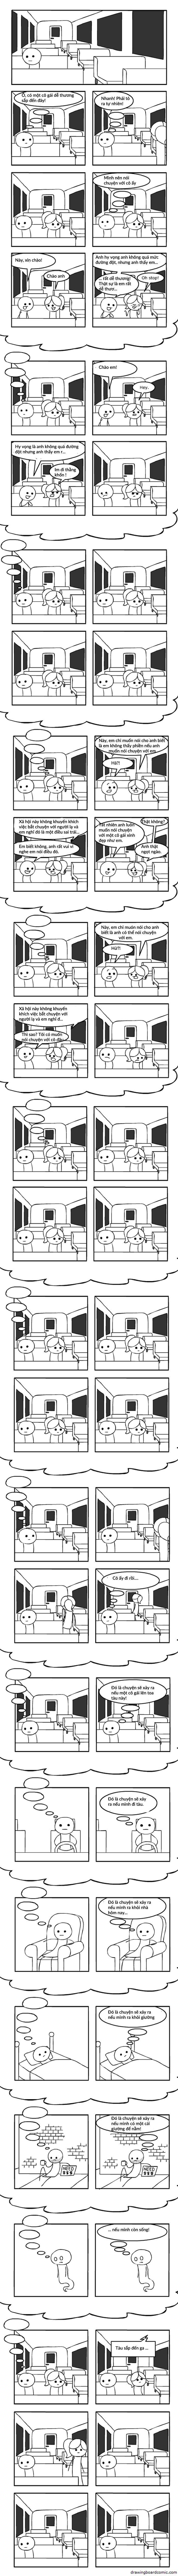 ảnh truyện tranh ngắn,truyện tranh